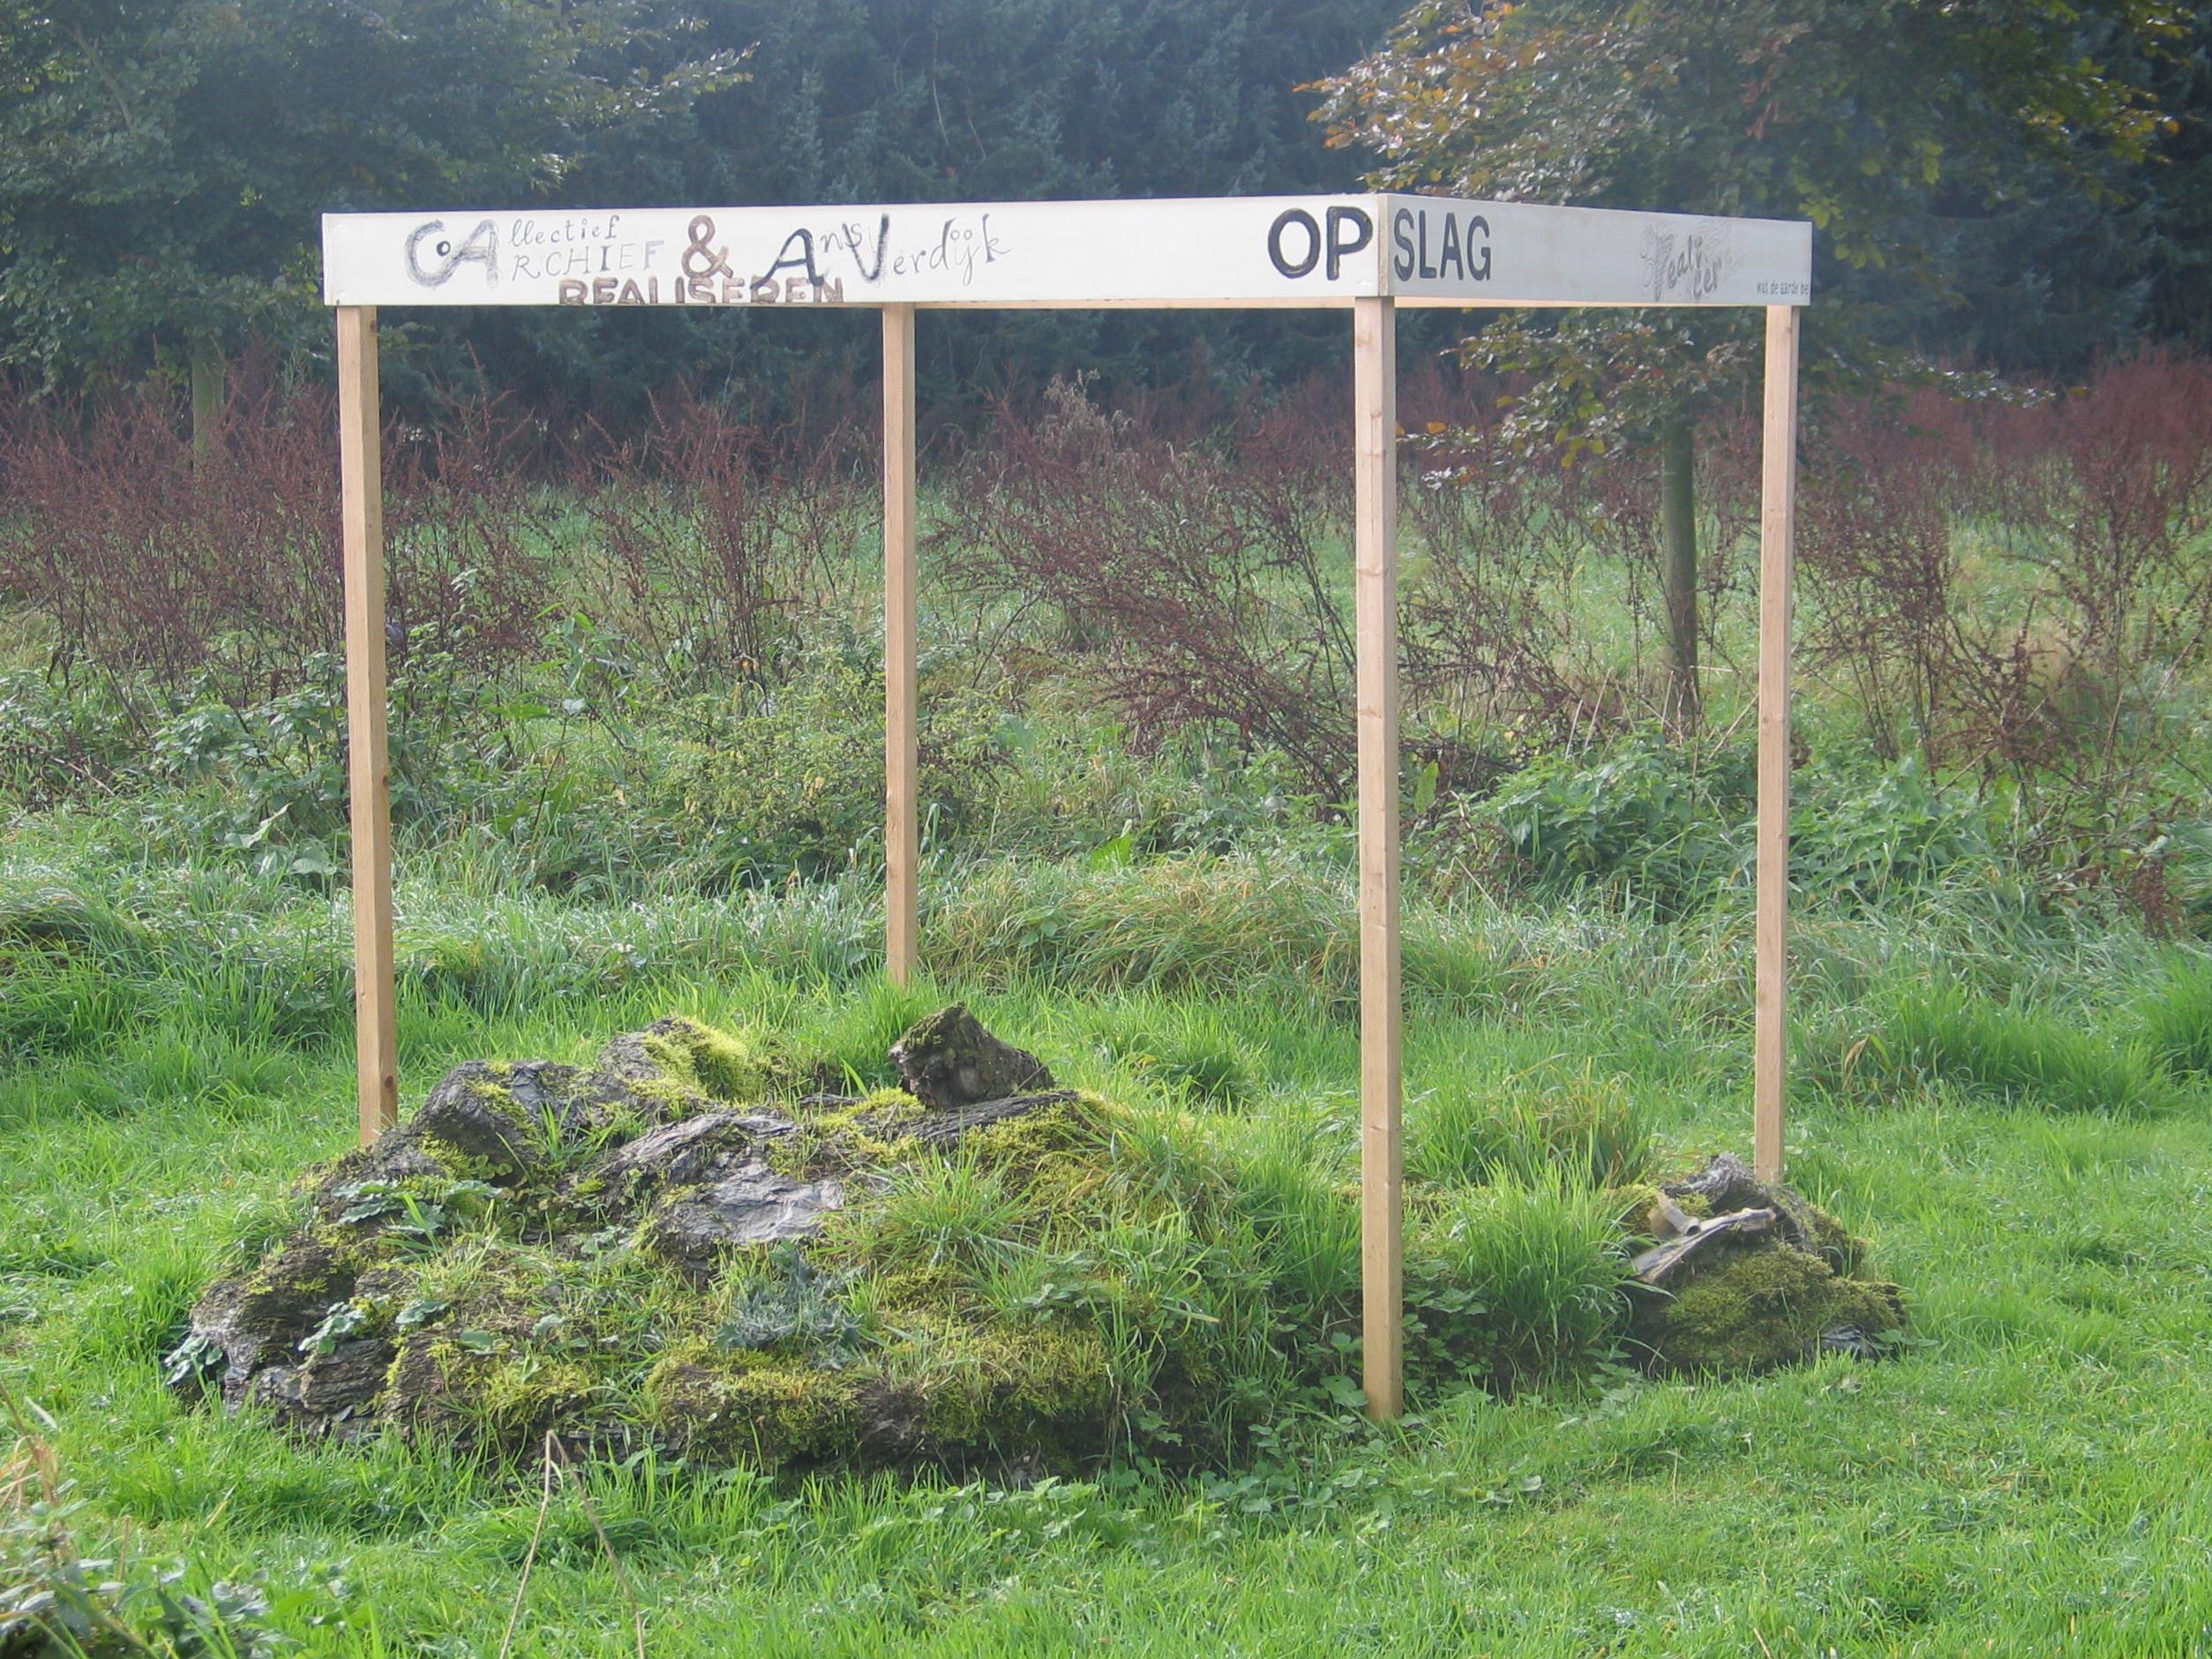 Collectief Archief, Ver gaan, installatie in vervolg op 'Opslag 2007', 20 x 20 x 20 jubileumexpositie Alarm, Beugen